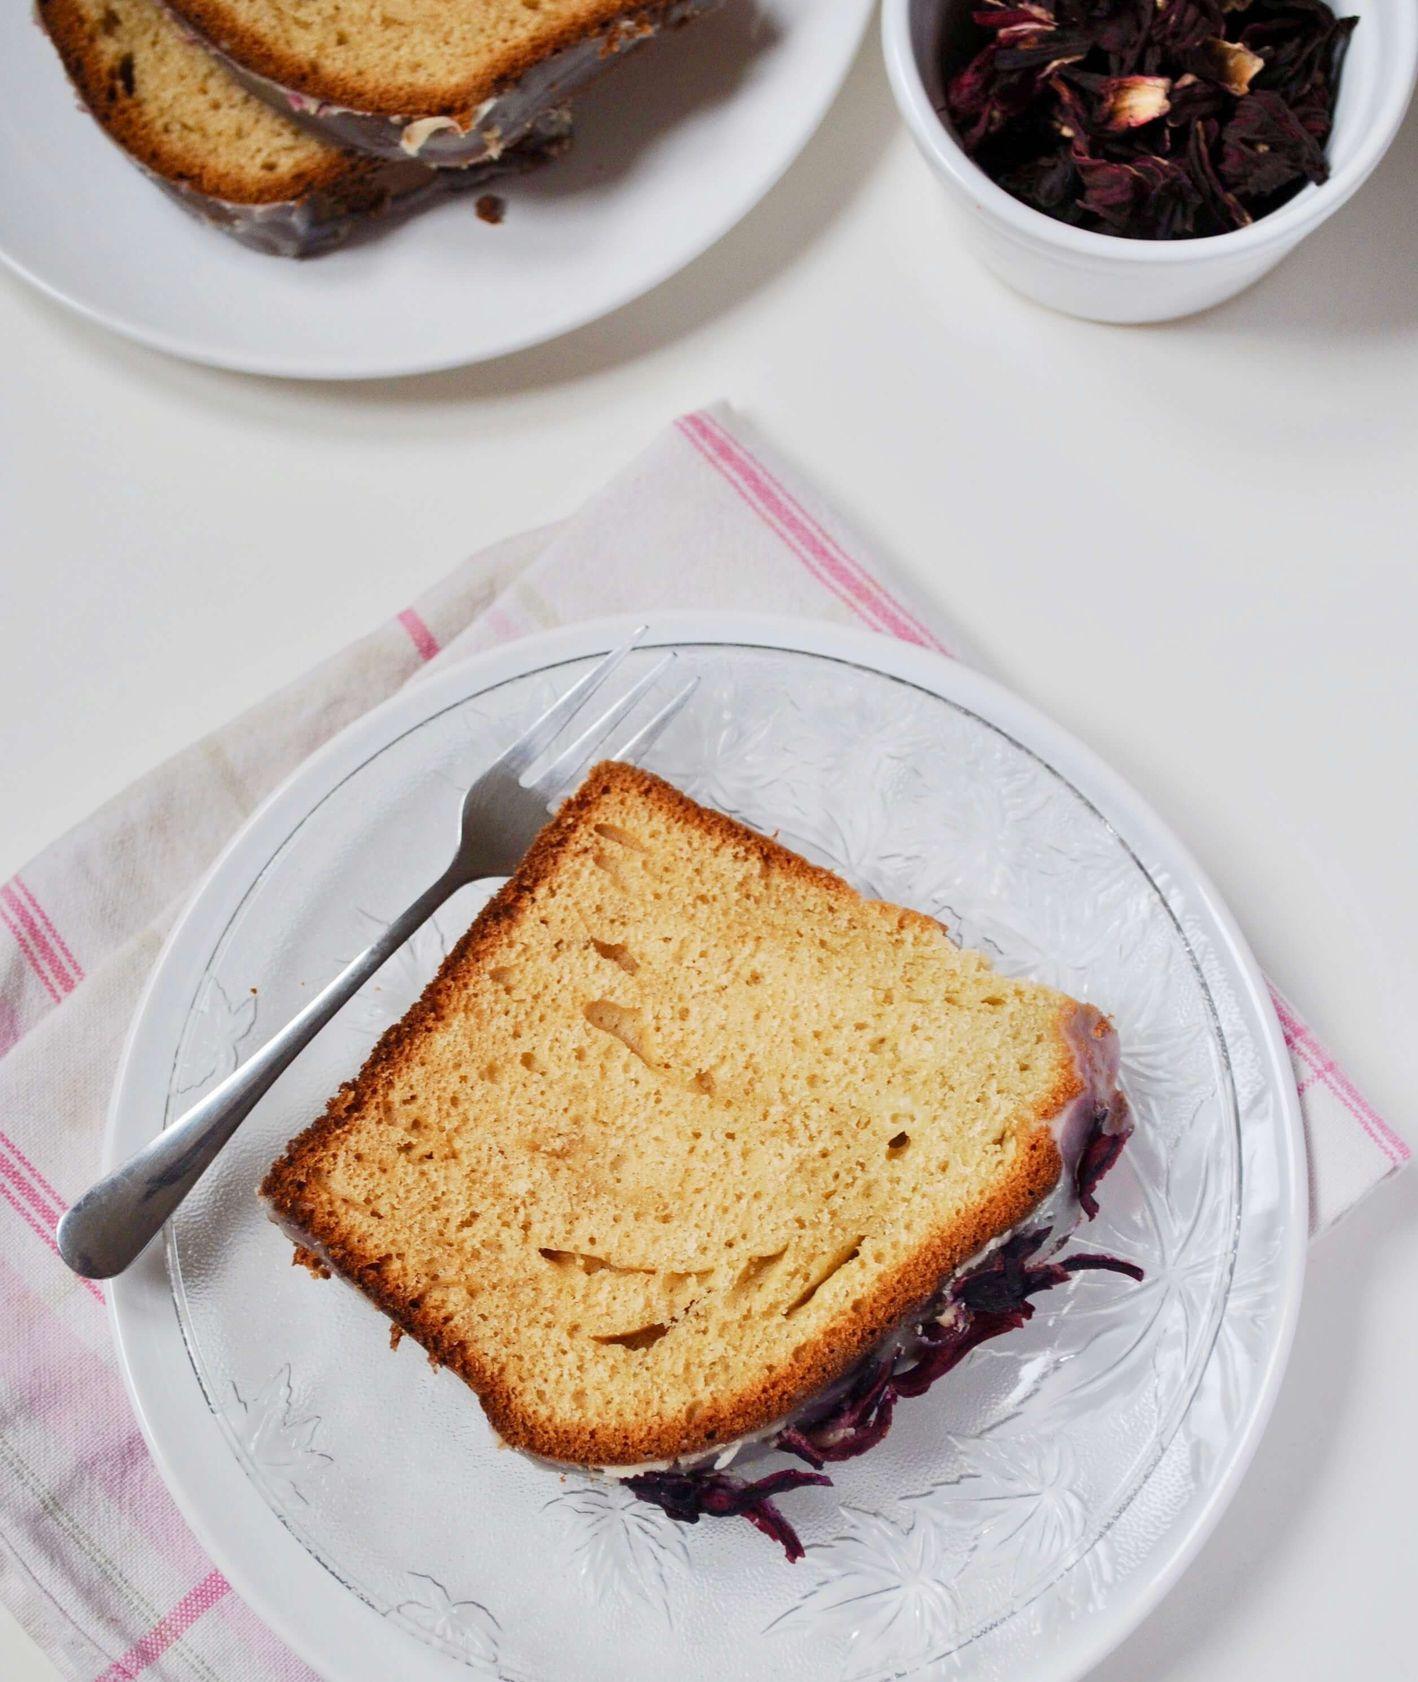 jogurtowy chlebek z hibiskusem i białą czekoladą, ciasto ucierane, ciasto jogurtowe, proste ciasto, szybkie ciasto jogurtowe, babka jogurtowa, ciasto z białą czekoladą, chlebek jogurtowy, prosty deser